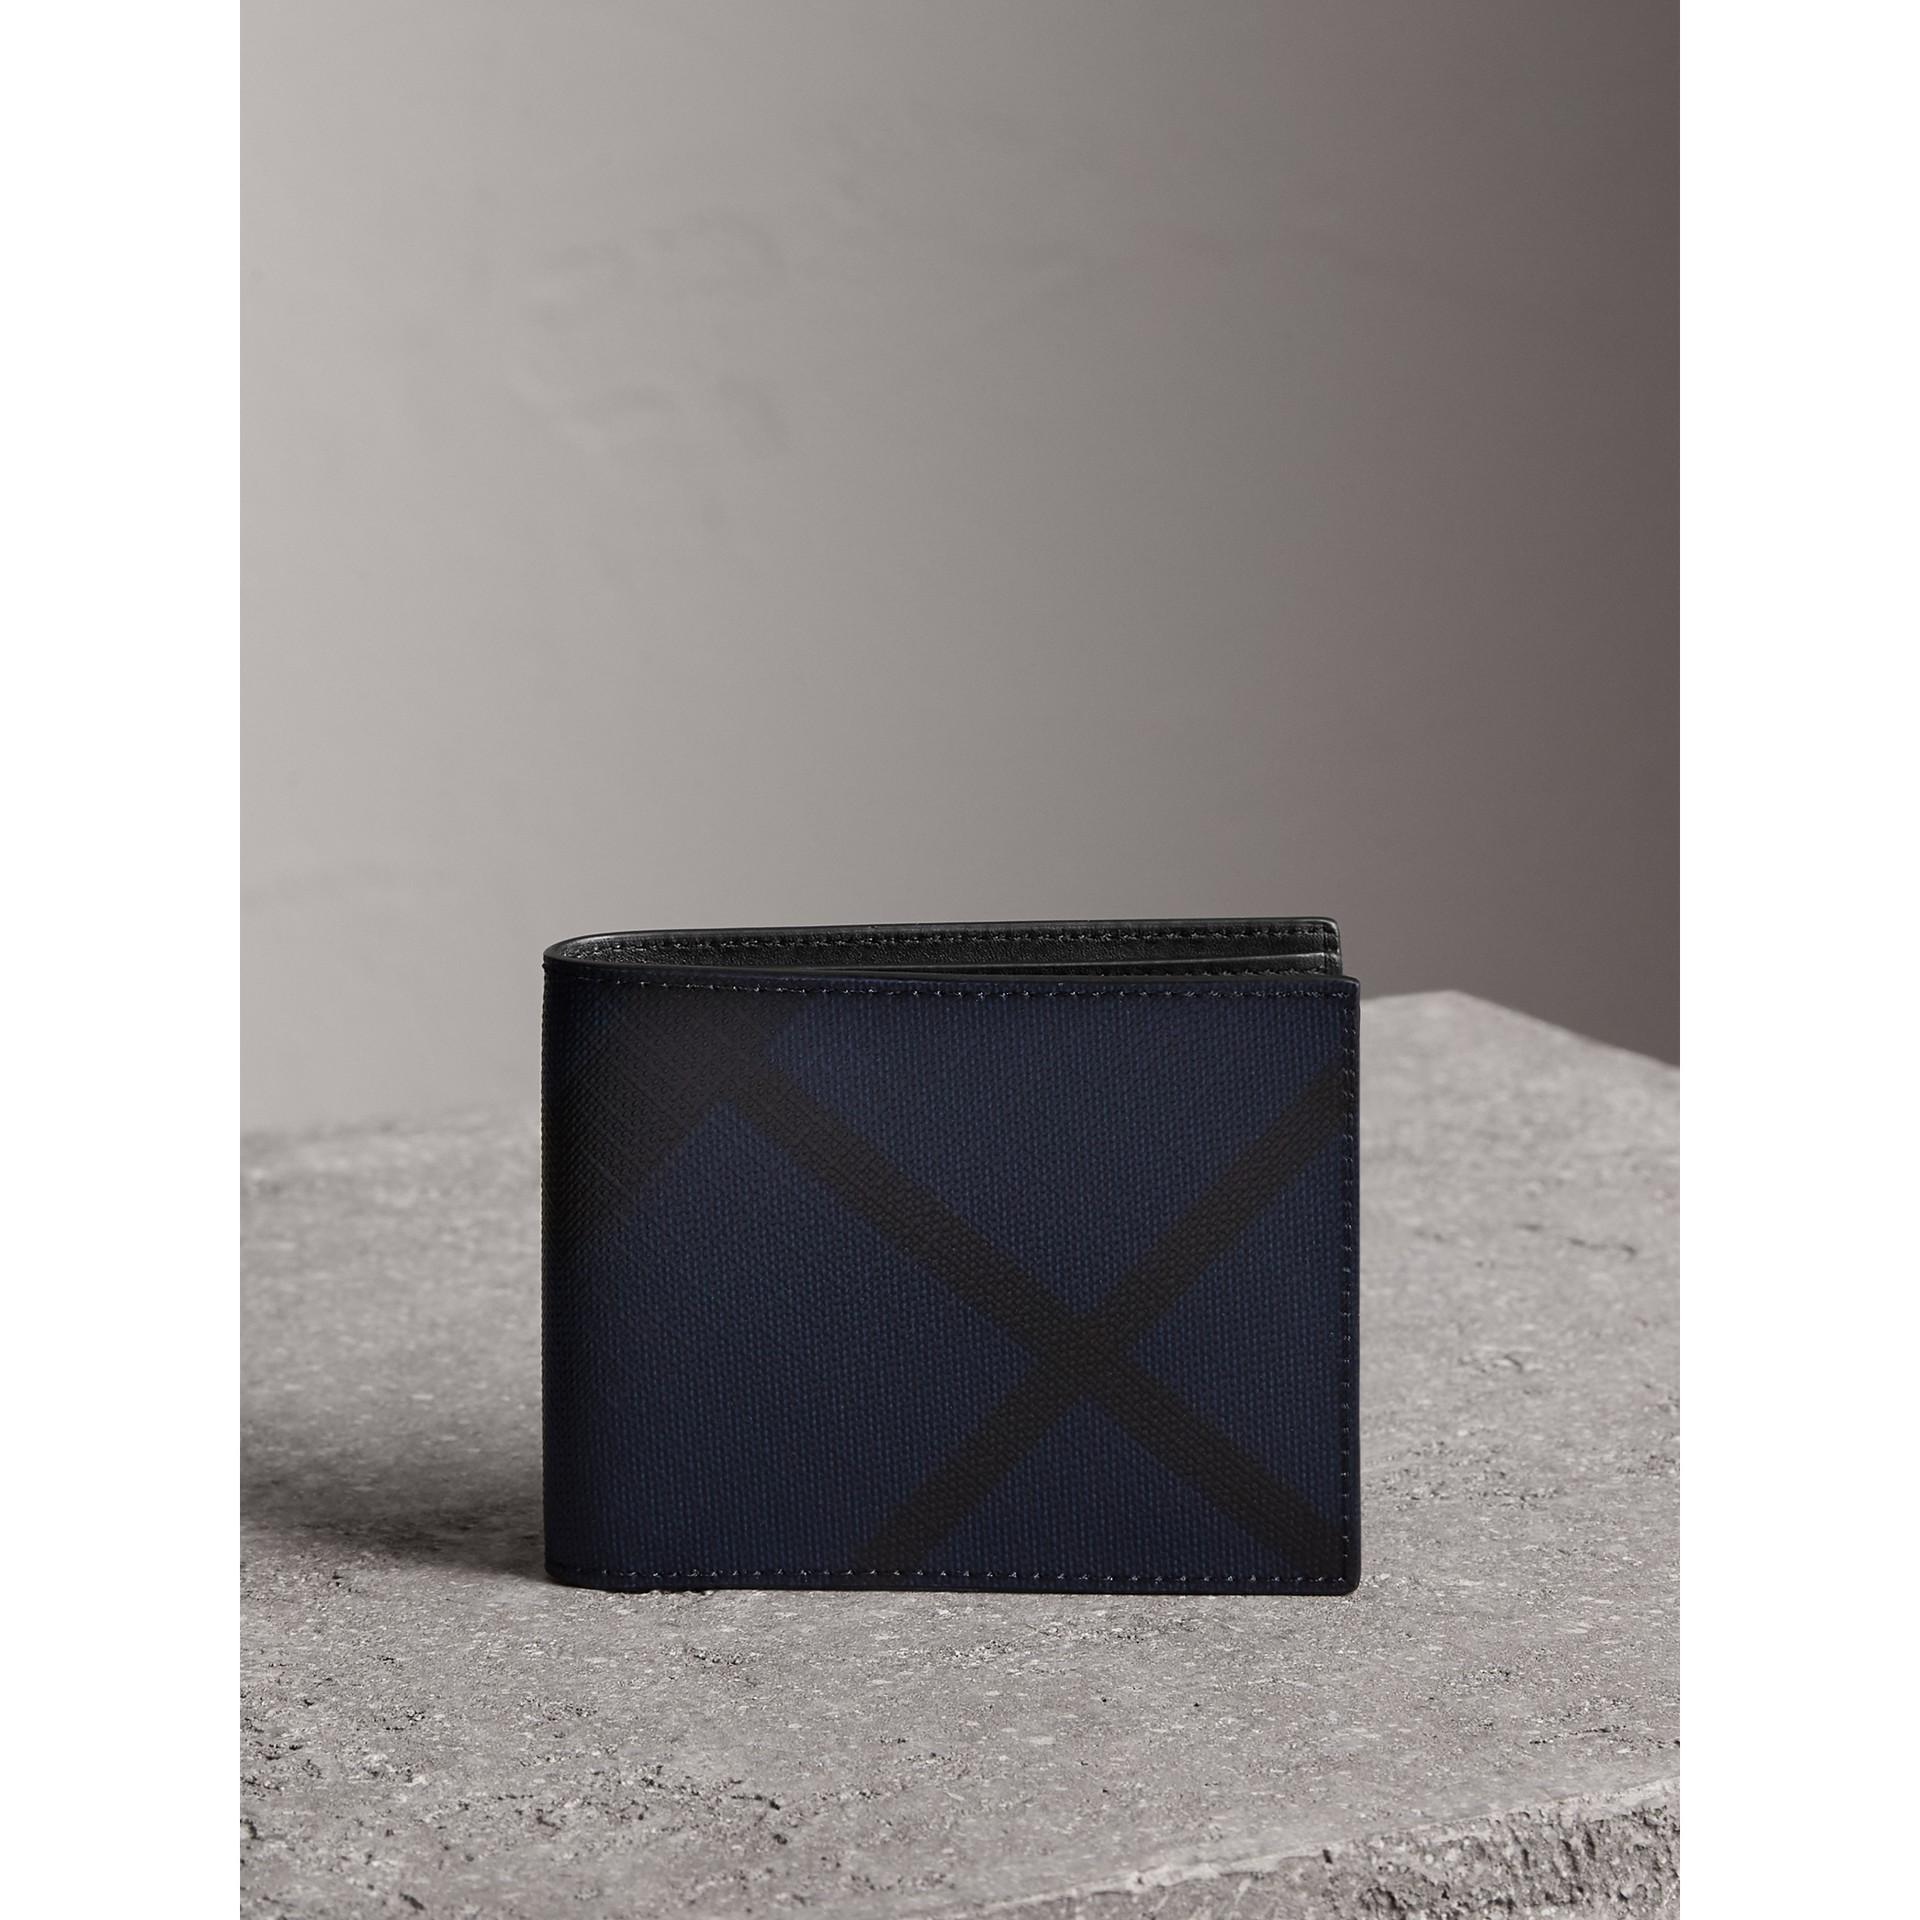 ロンドンチェック&レザー バイフォールドウォレット (ネイビー/ブラック) - メンズ | バーバリー - ギャラリーイメージ 5